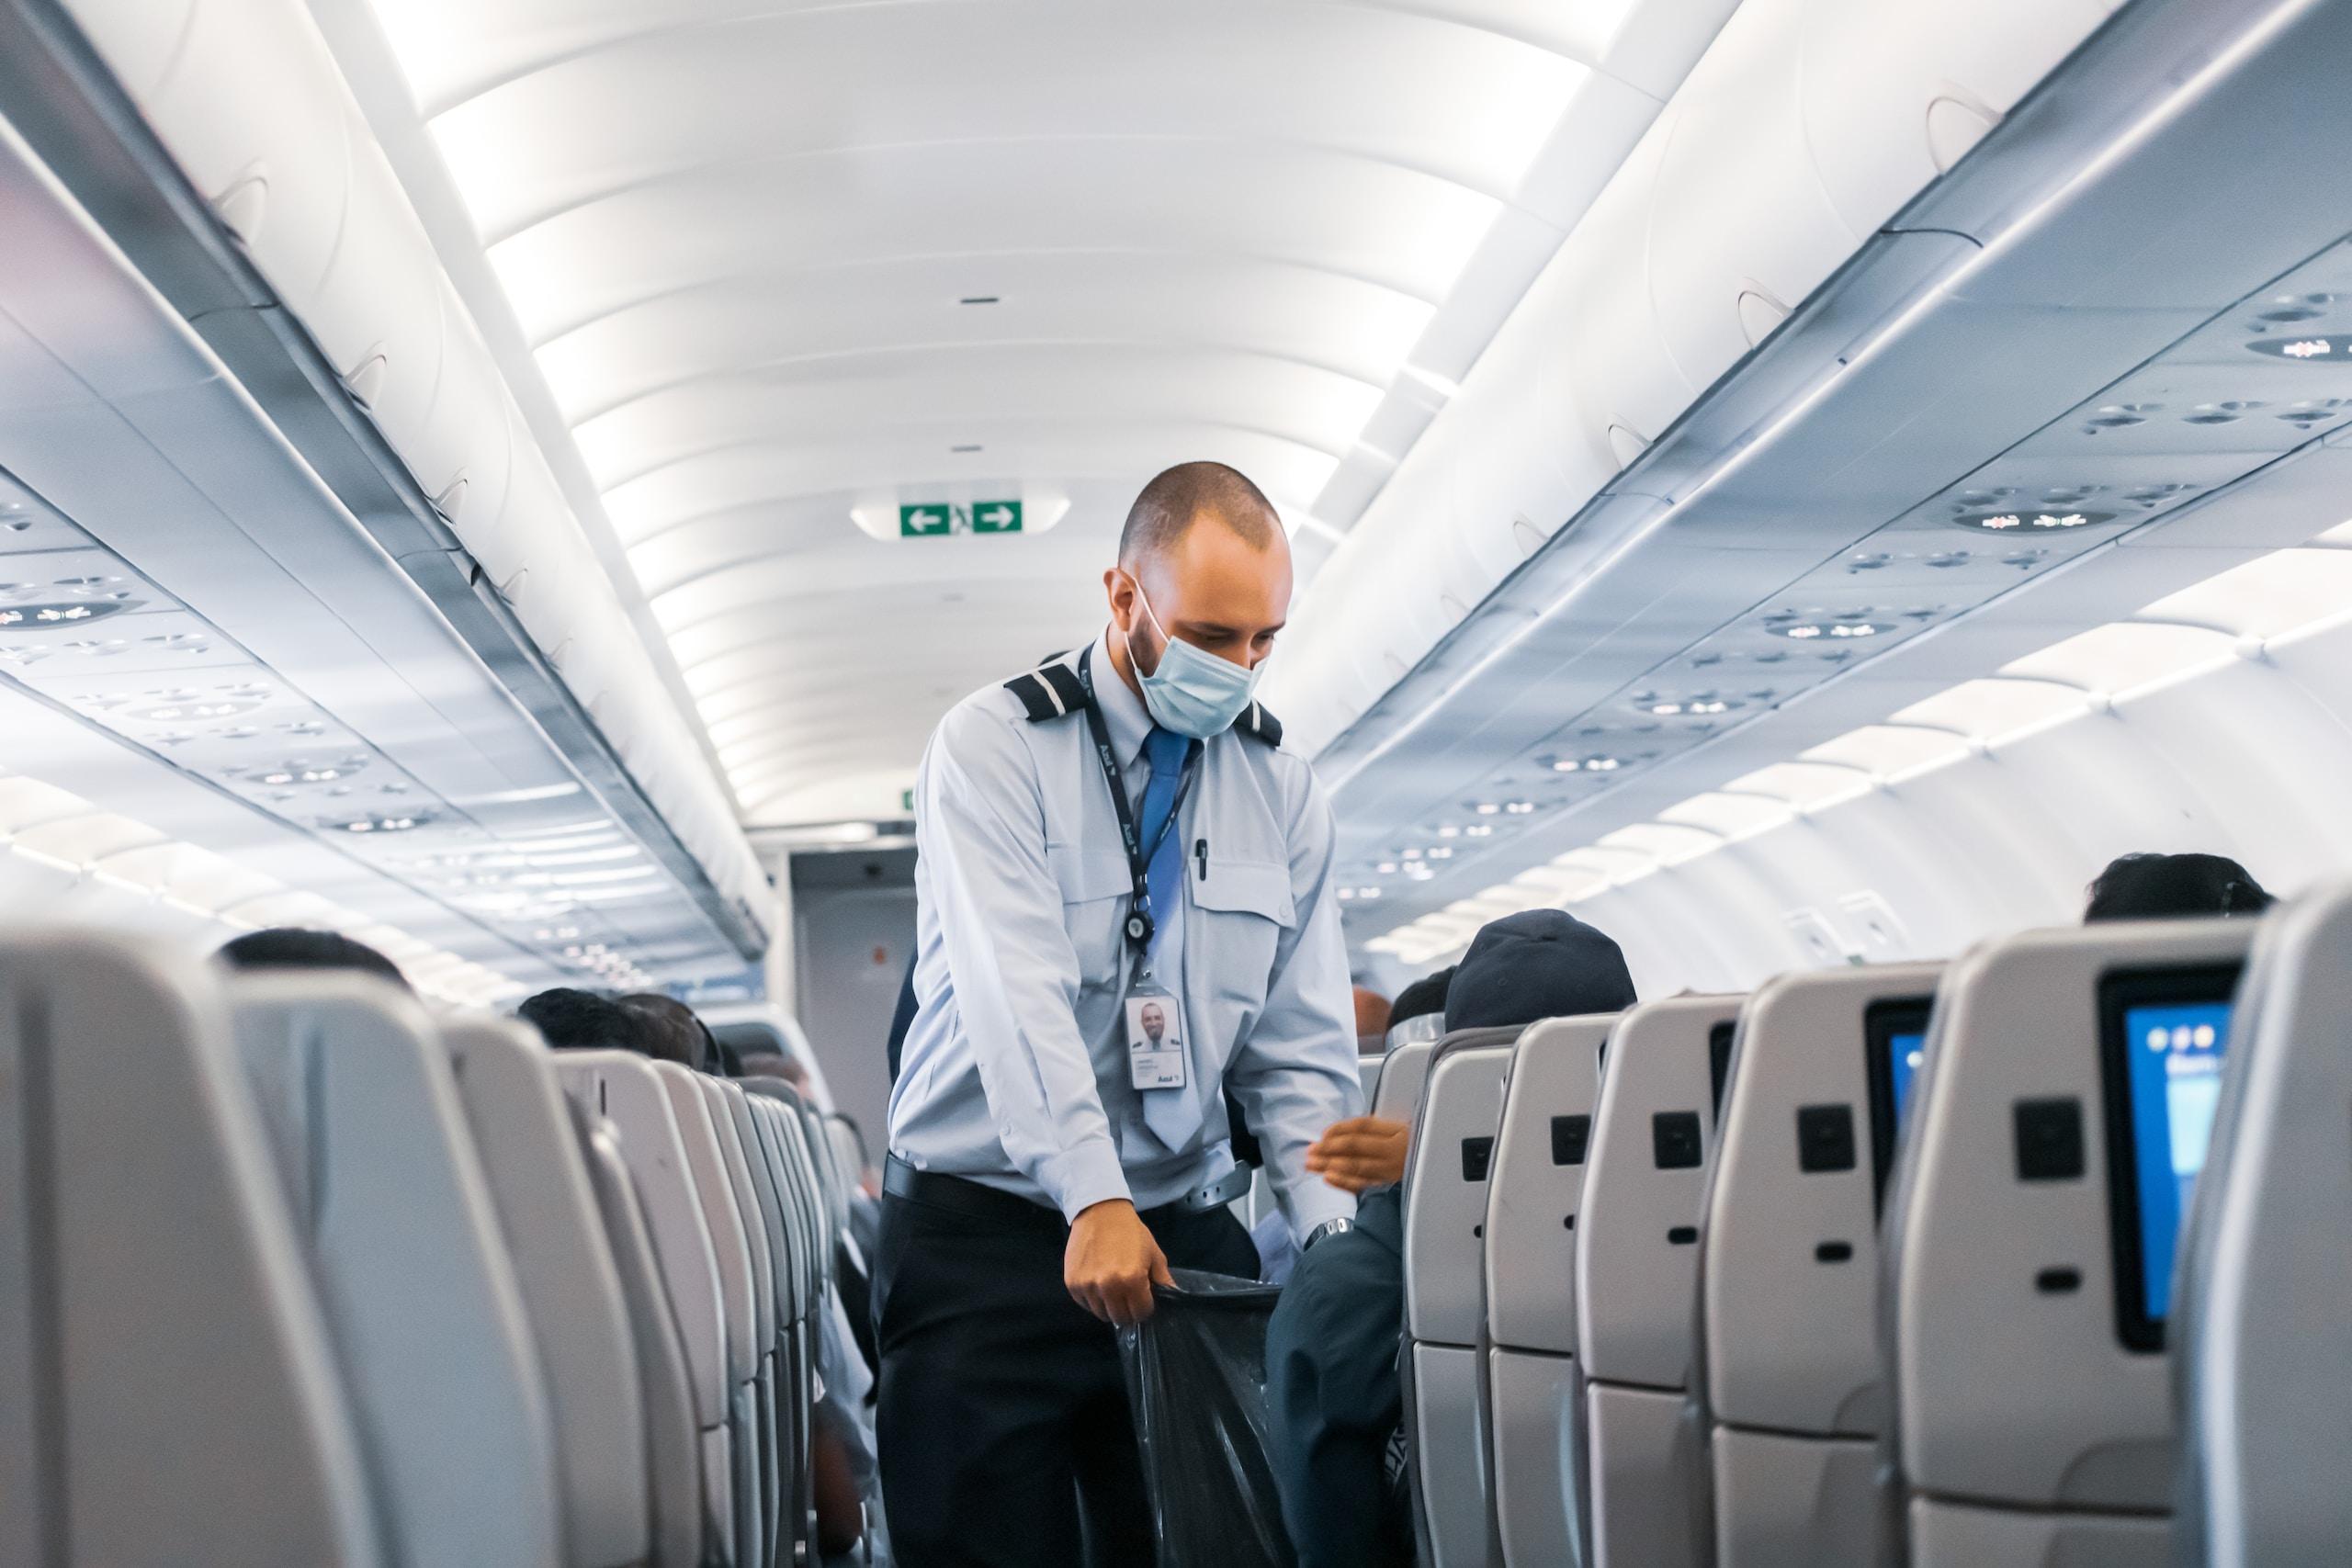 Airbus idea una tienda de aislamiento para pasajeros con síntomas de COVID-19